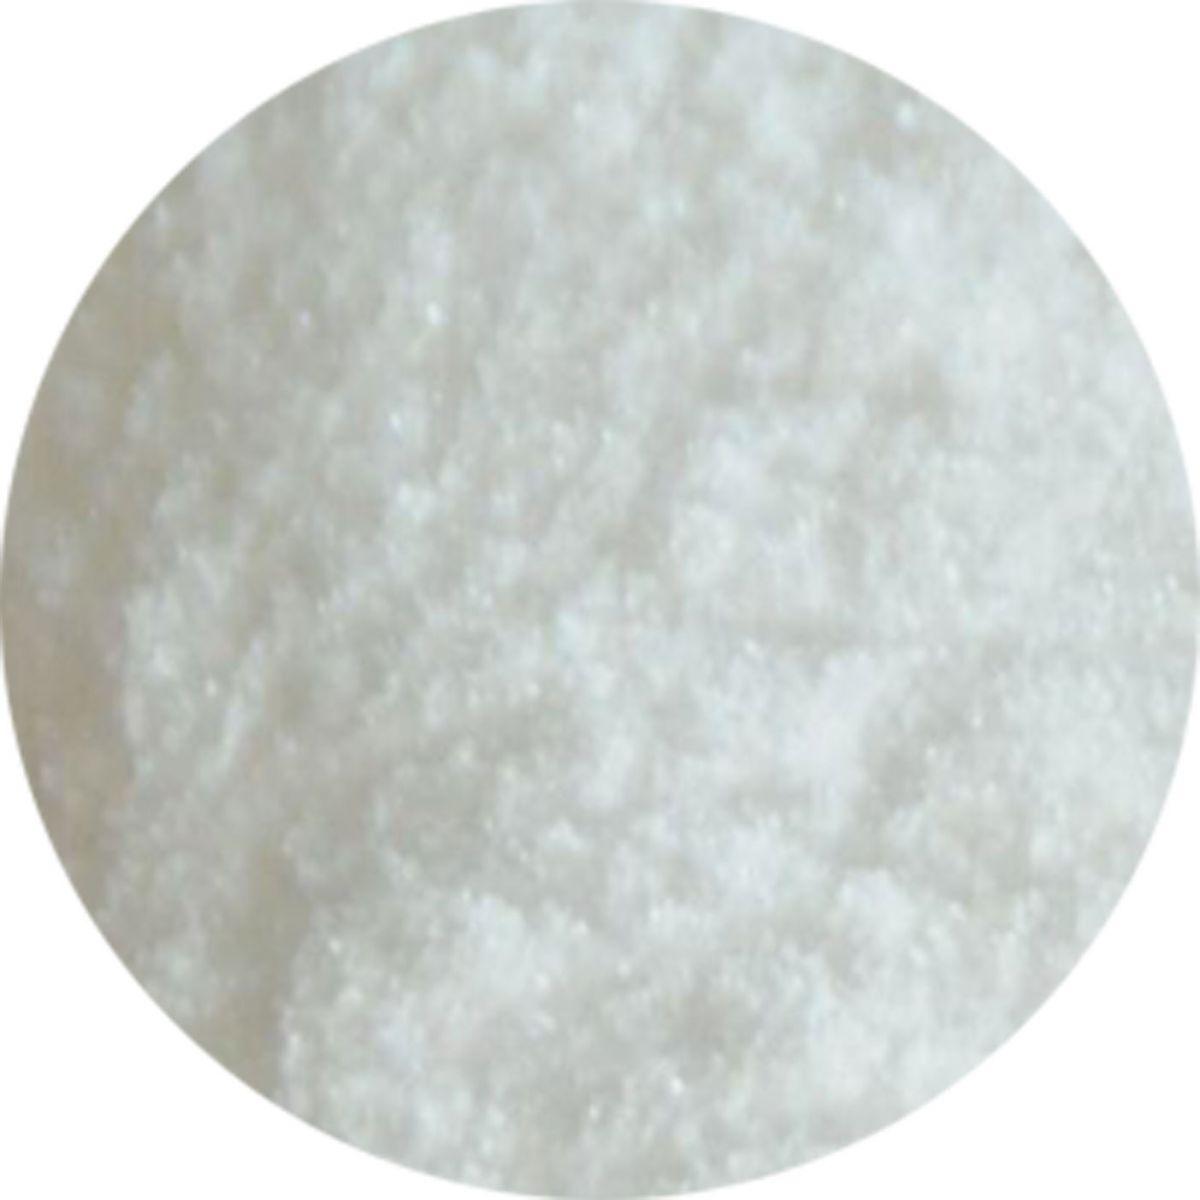 KT-30(Forchlorfenuron、N-(2-Chloro-4-pyridyl)-N′-phenylurea)